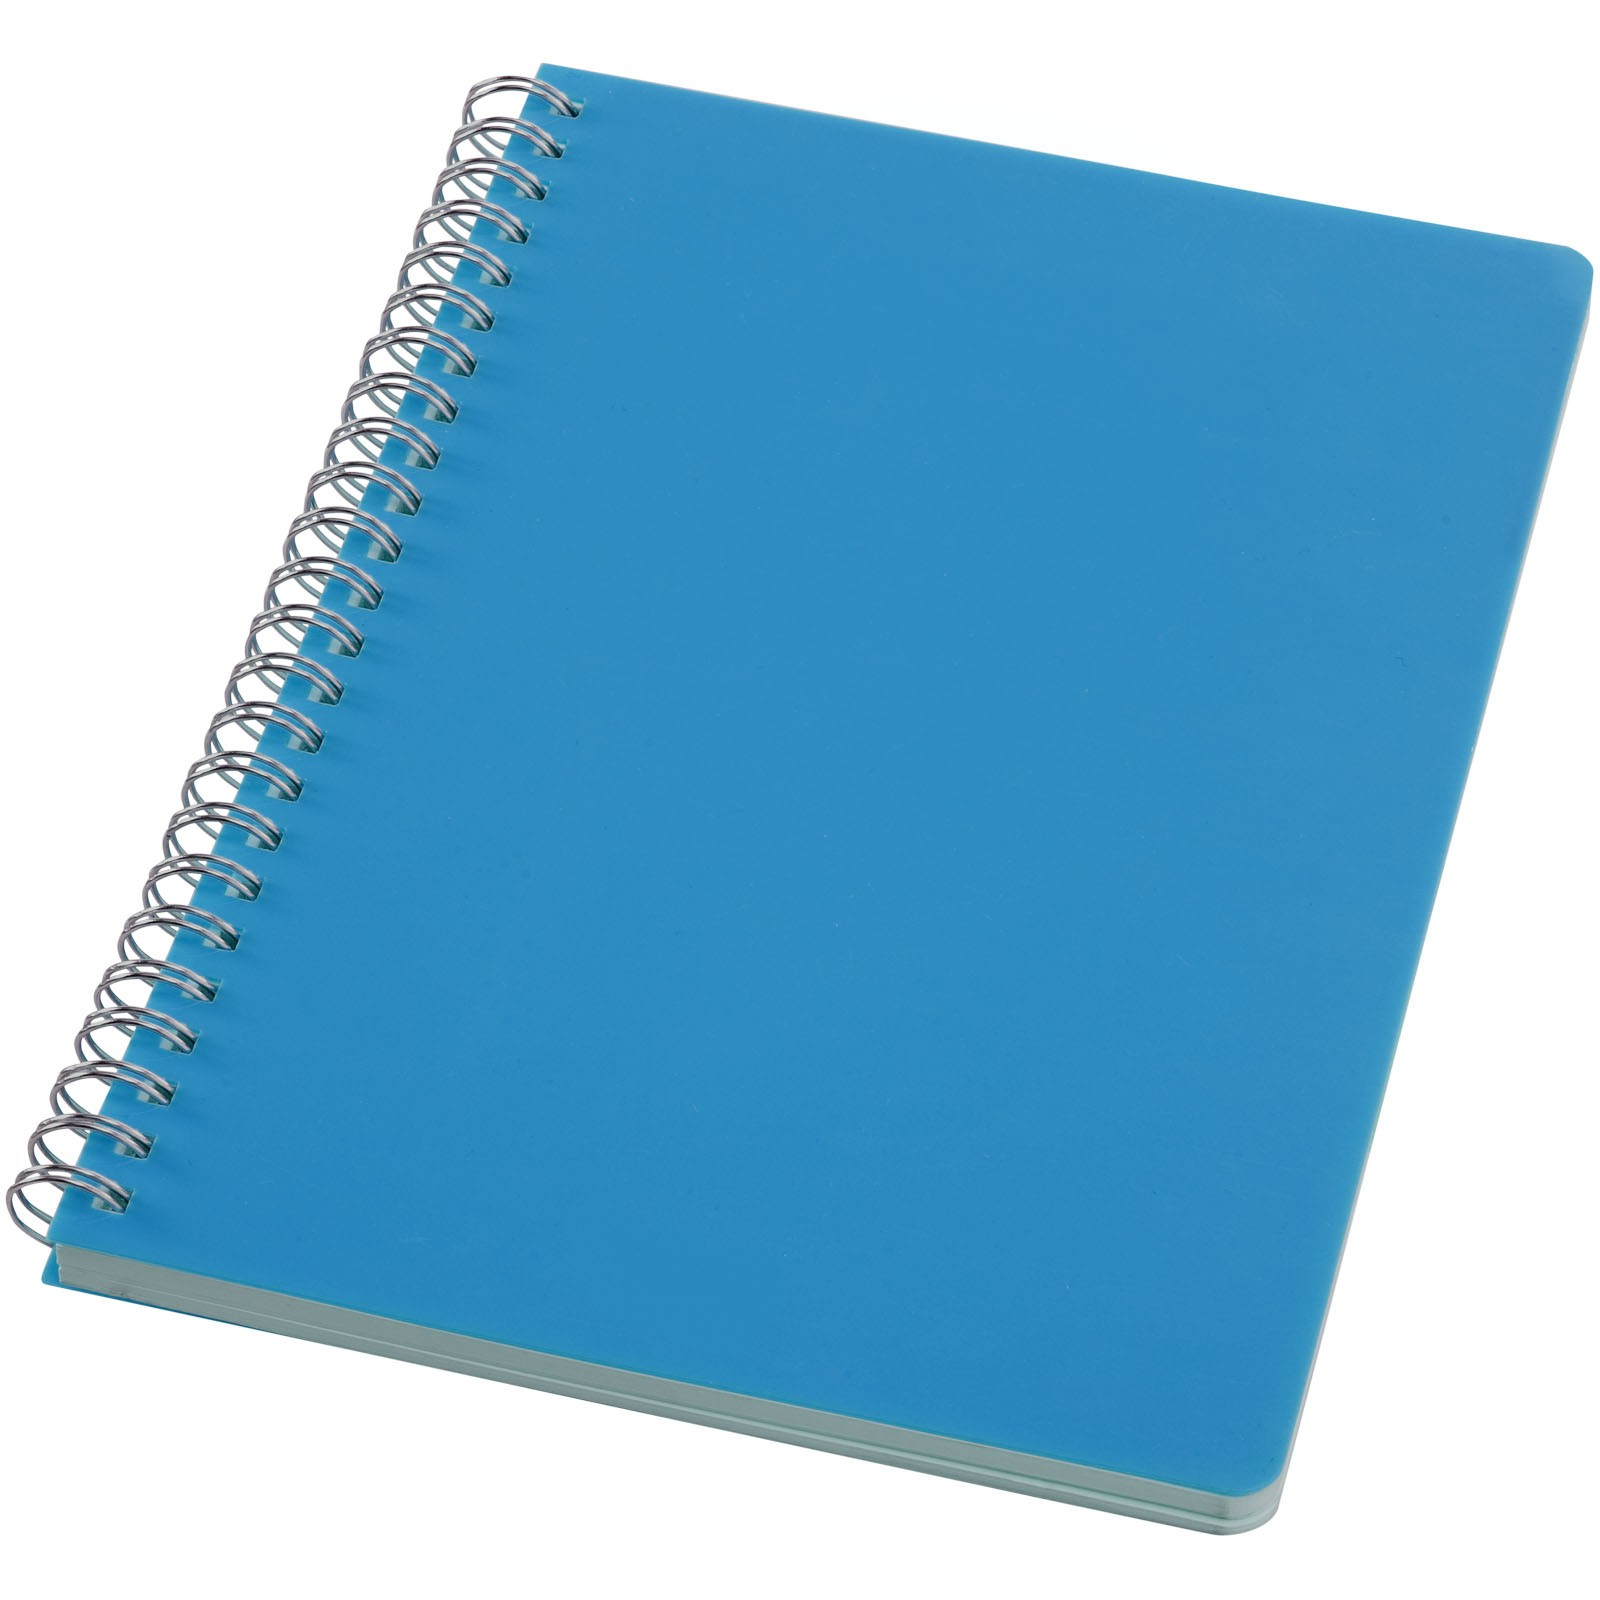 Happy Colors A5 Notizbuch mit Spiralbindung - Hellblau